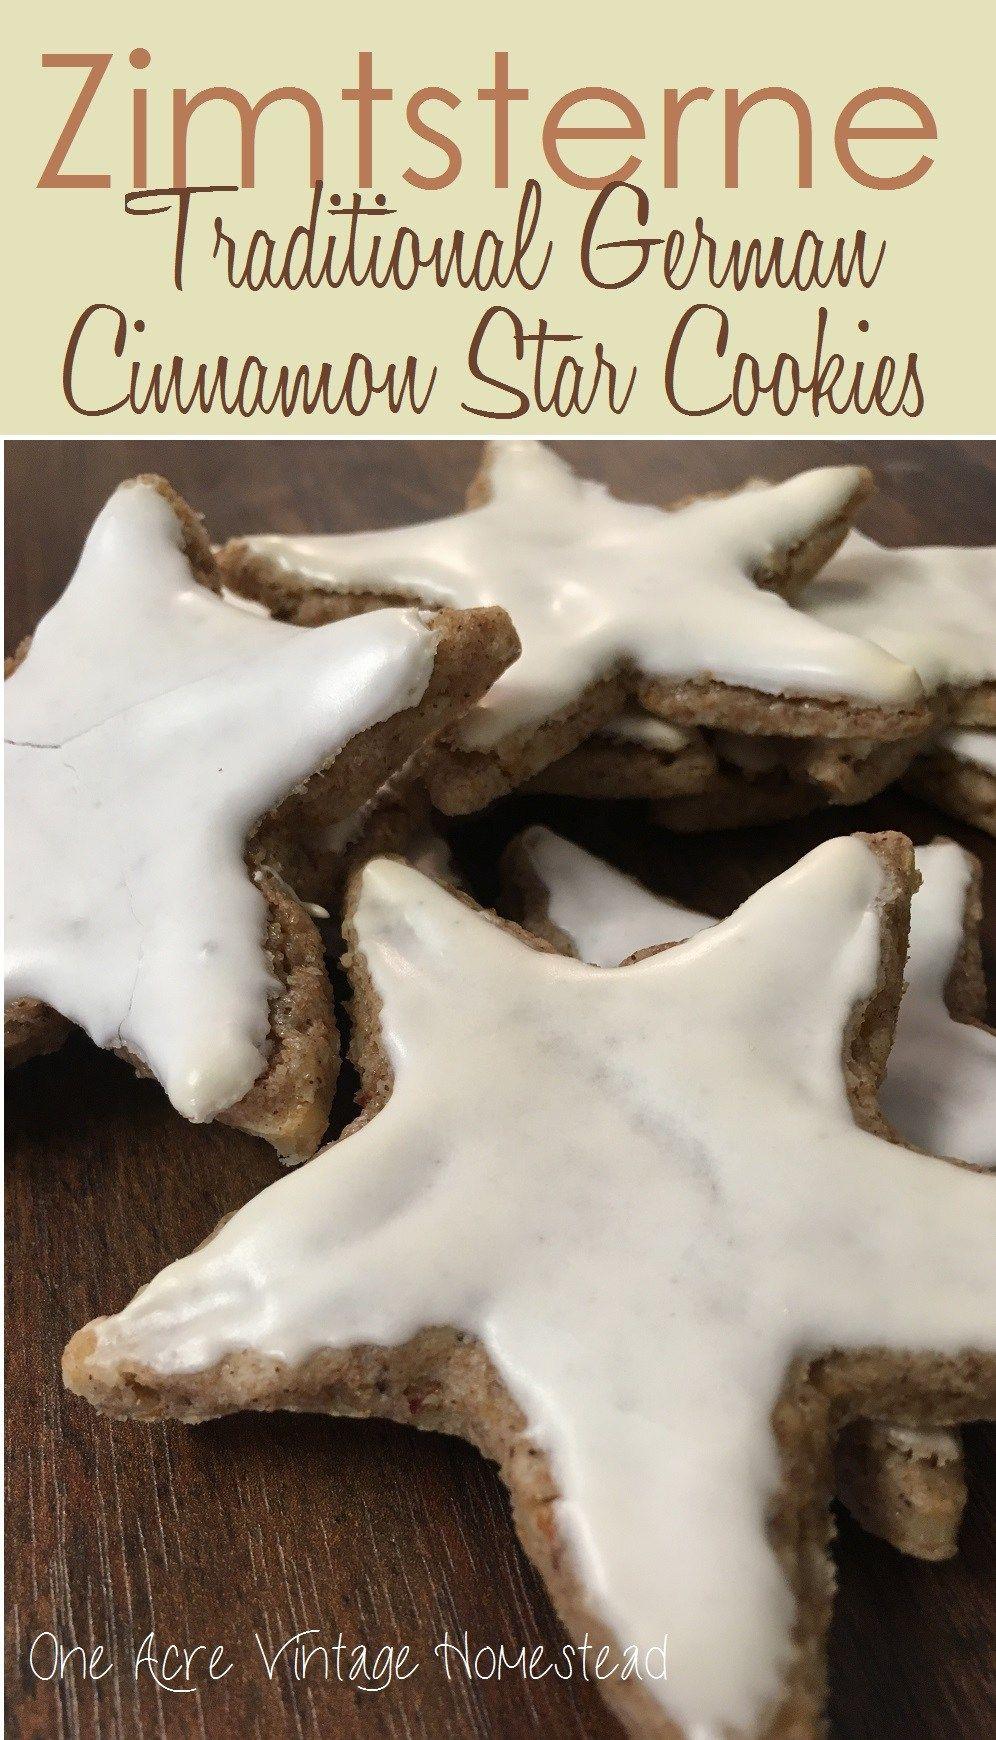 Zimtsterne German Cinnamon Star Cookie